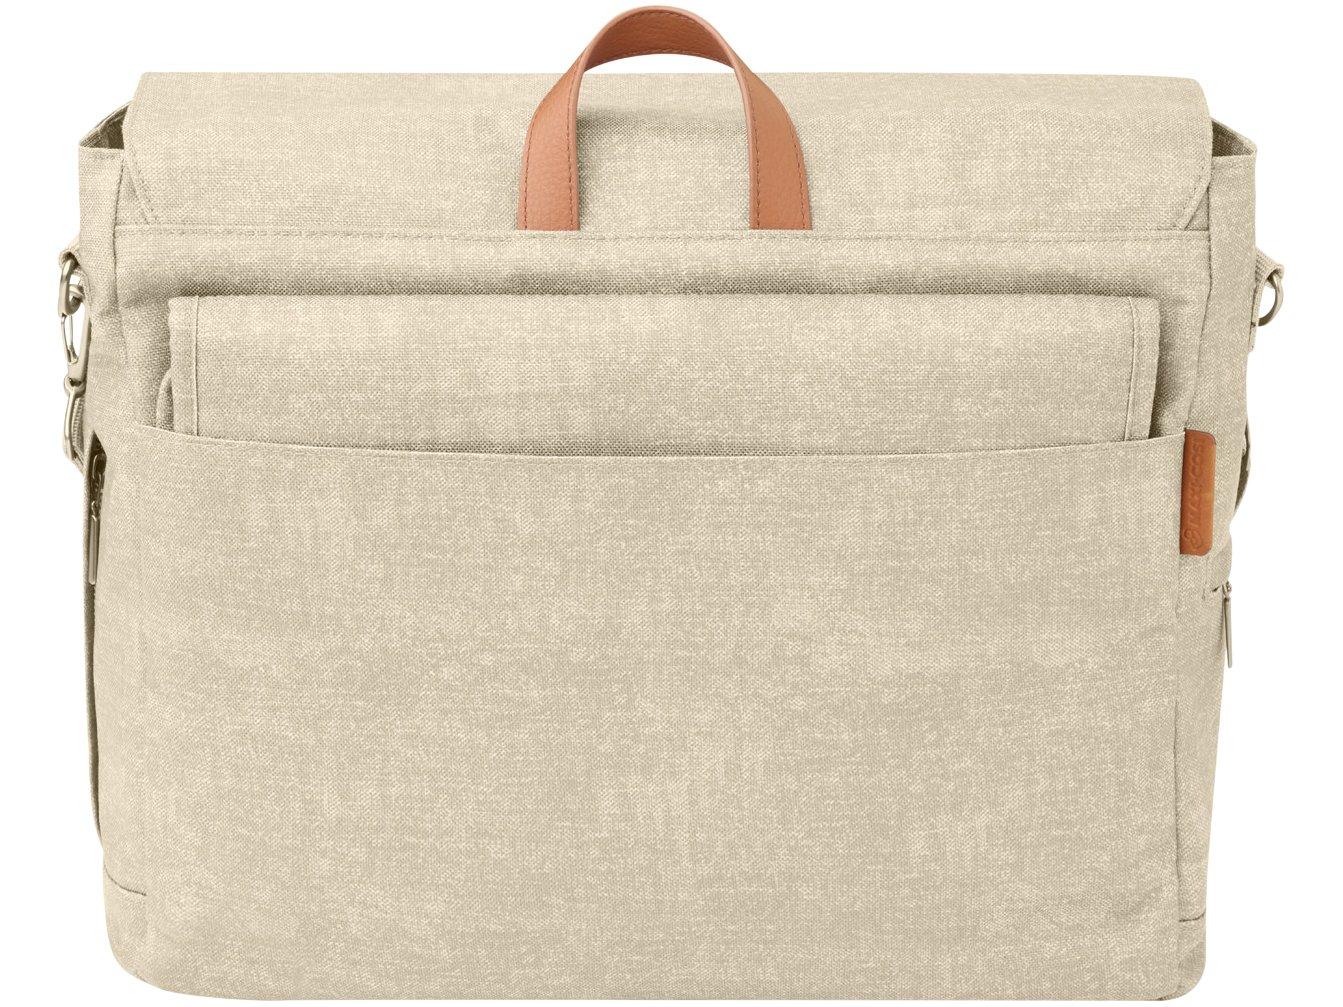 Bolsa de Bebê Unissex Média Maxi-Cosi - Modern Bag com Trocador - 8